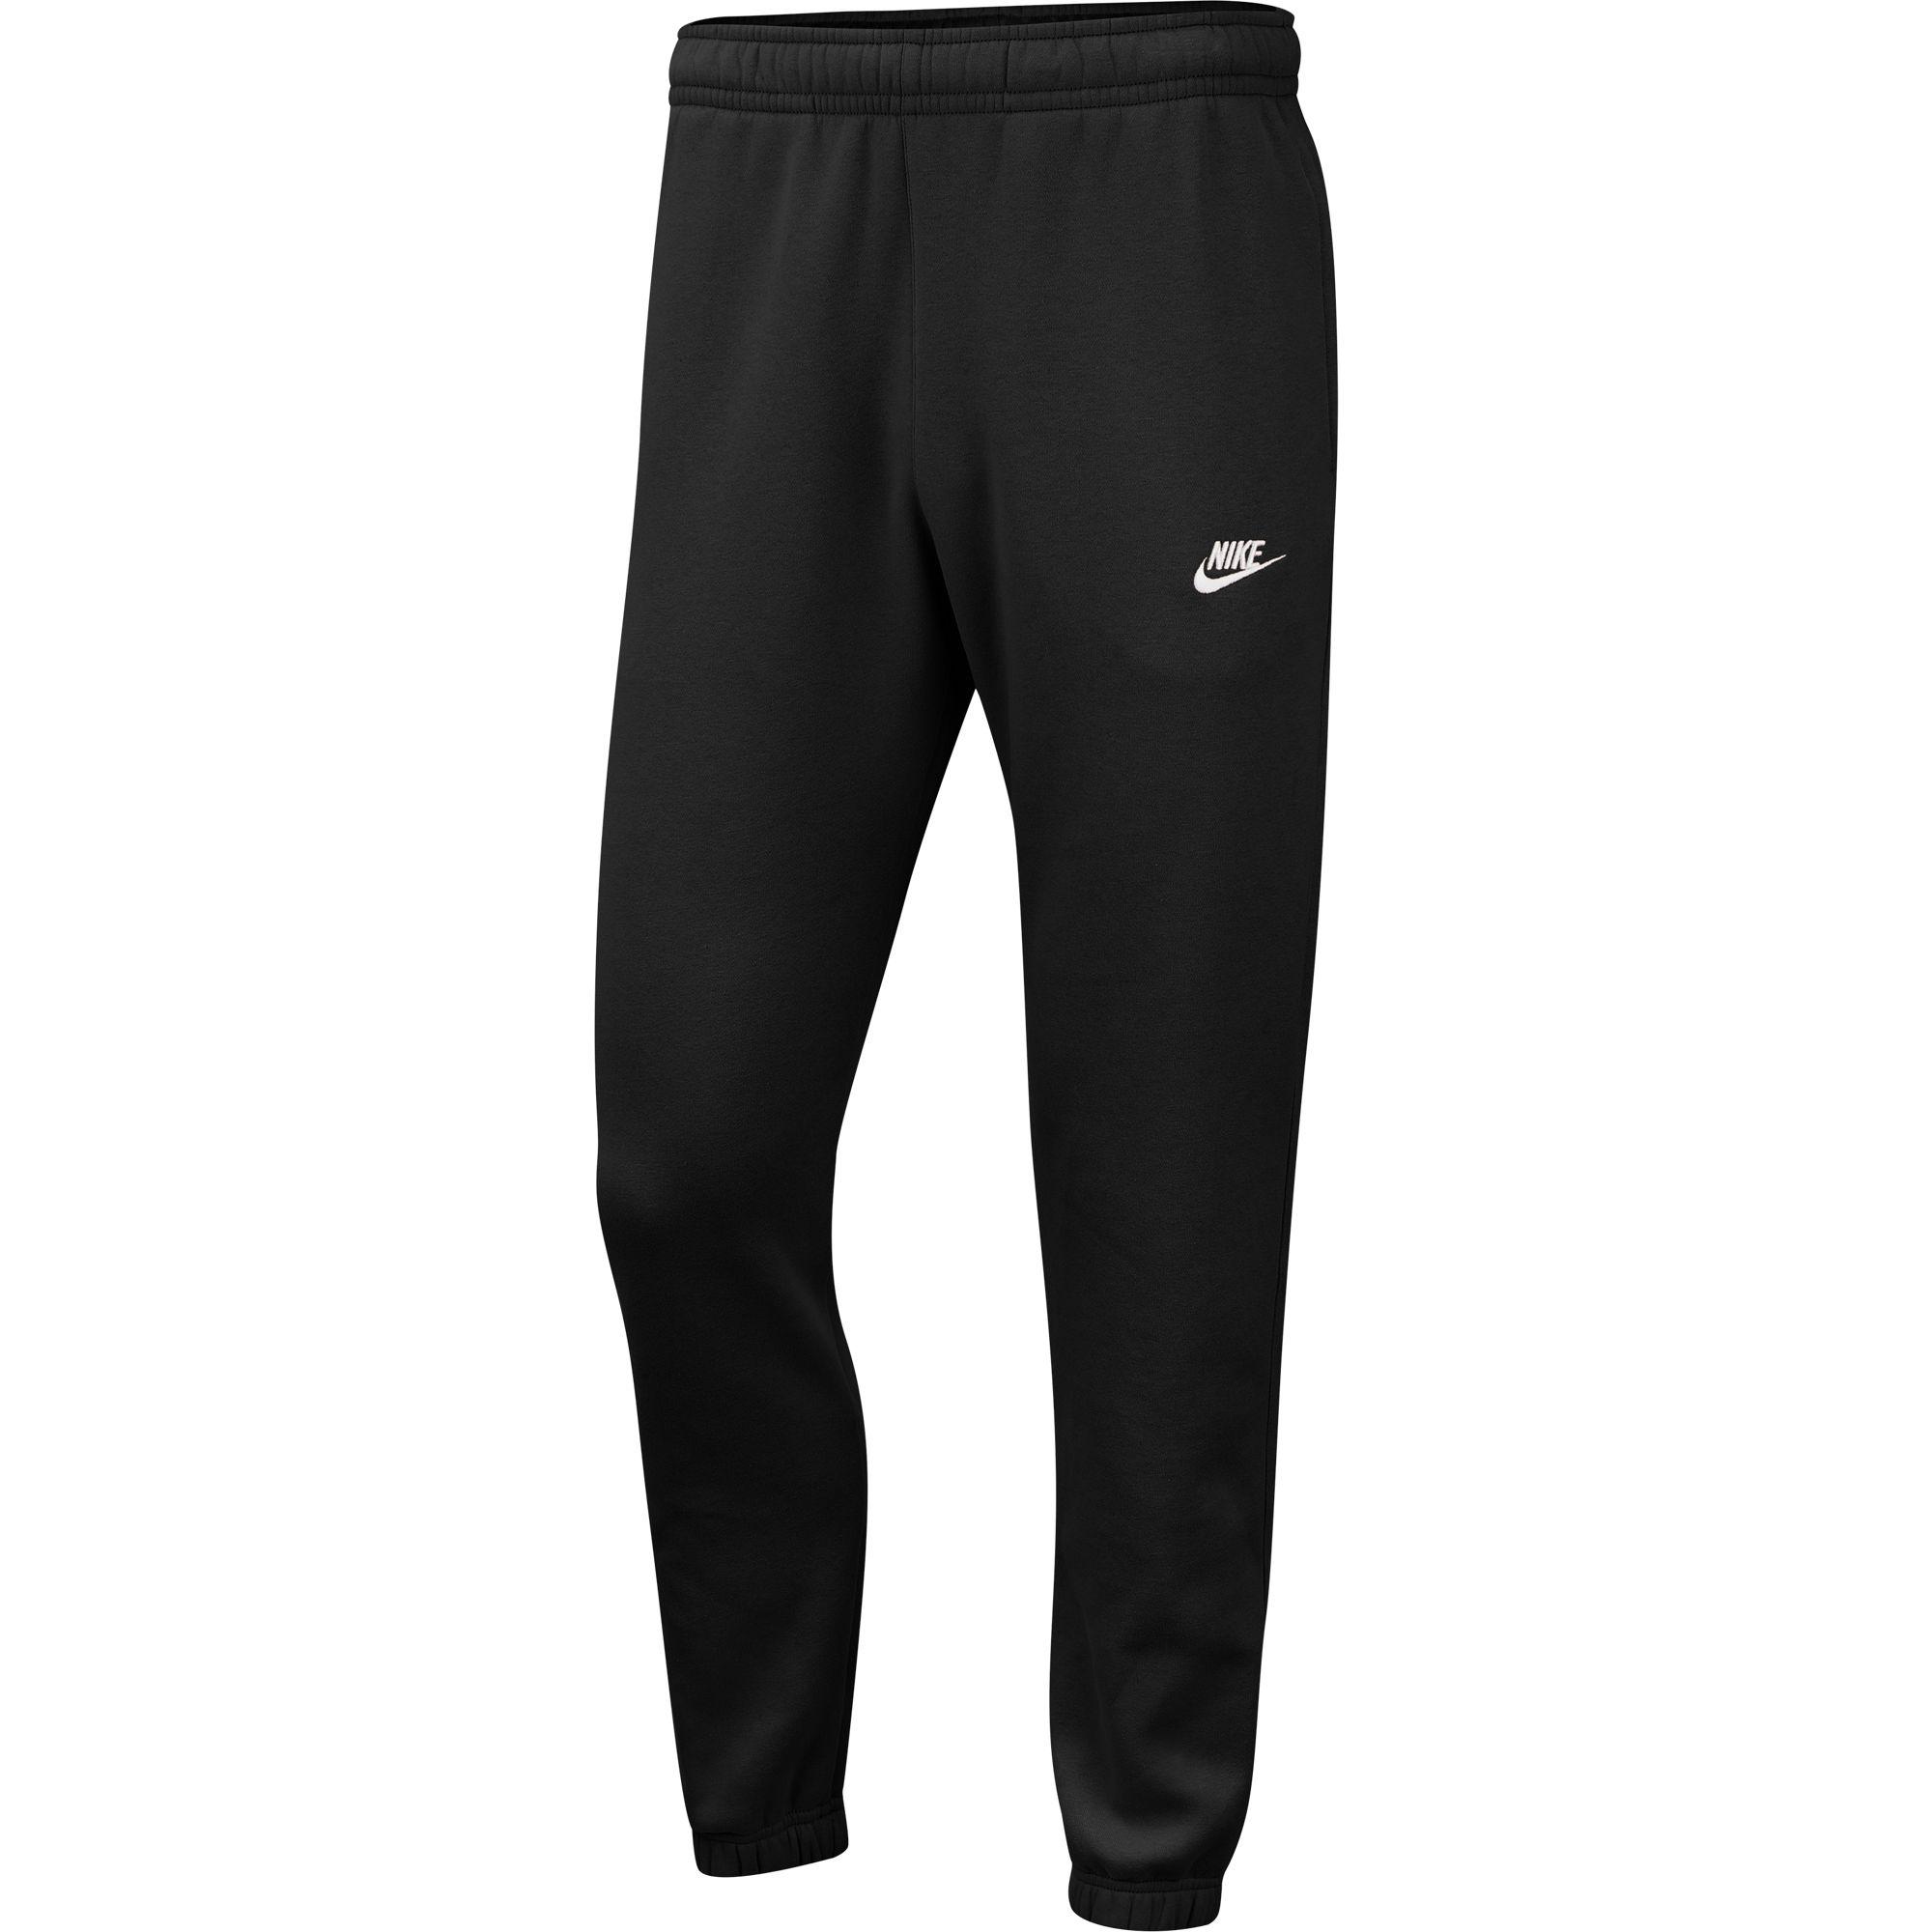 Men's Sportswear Club Fleece Pants, Black, swatch